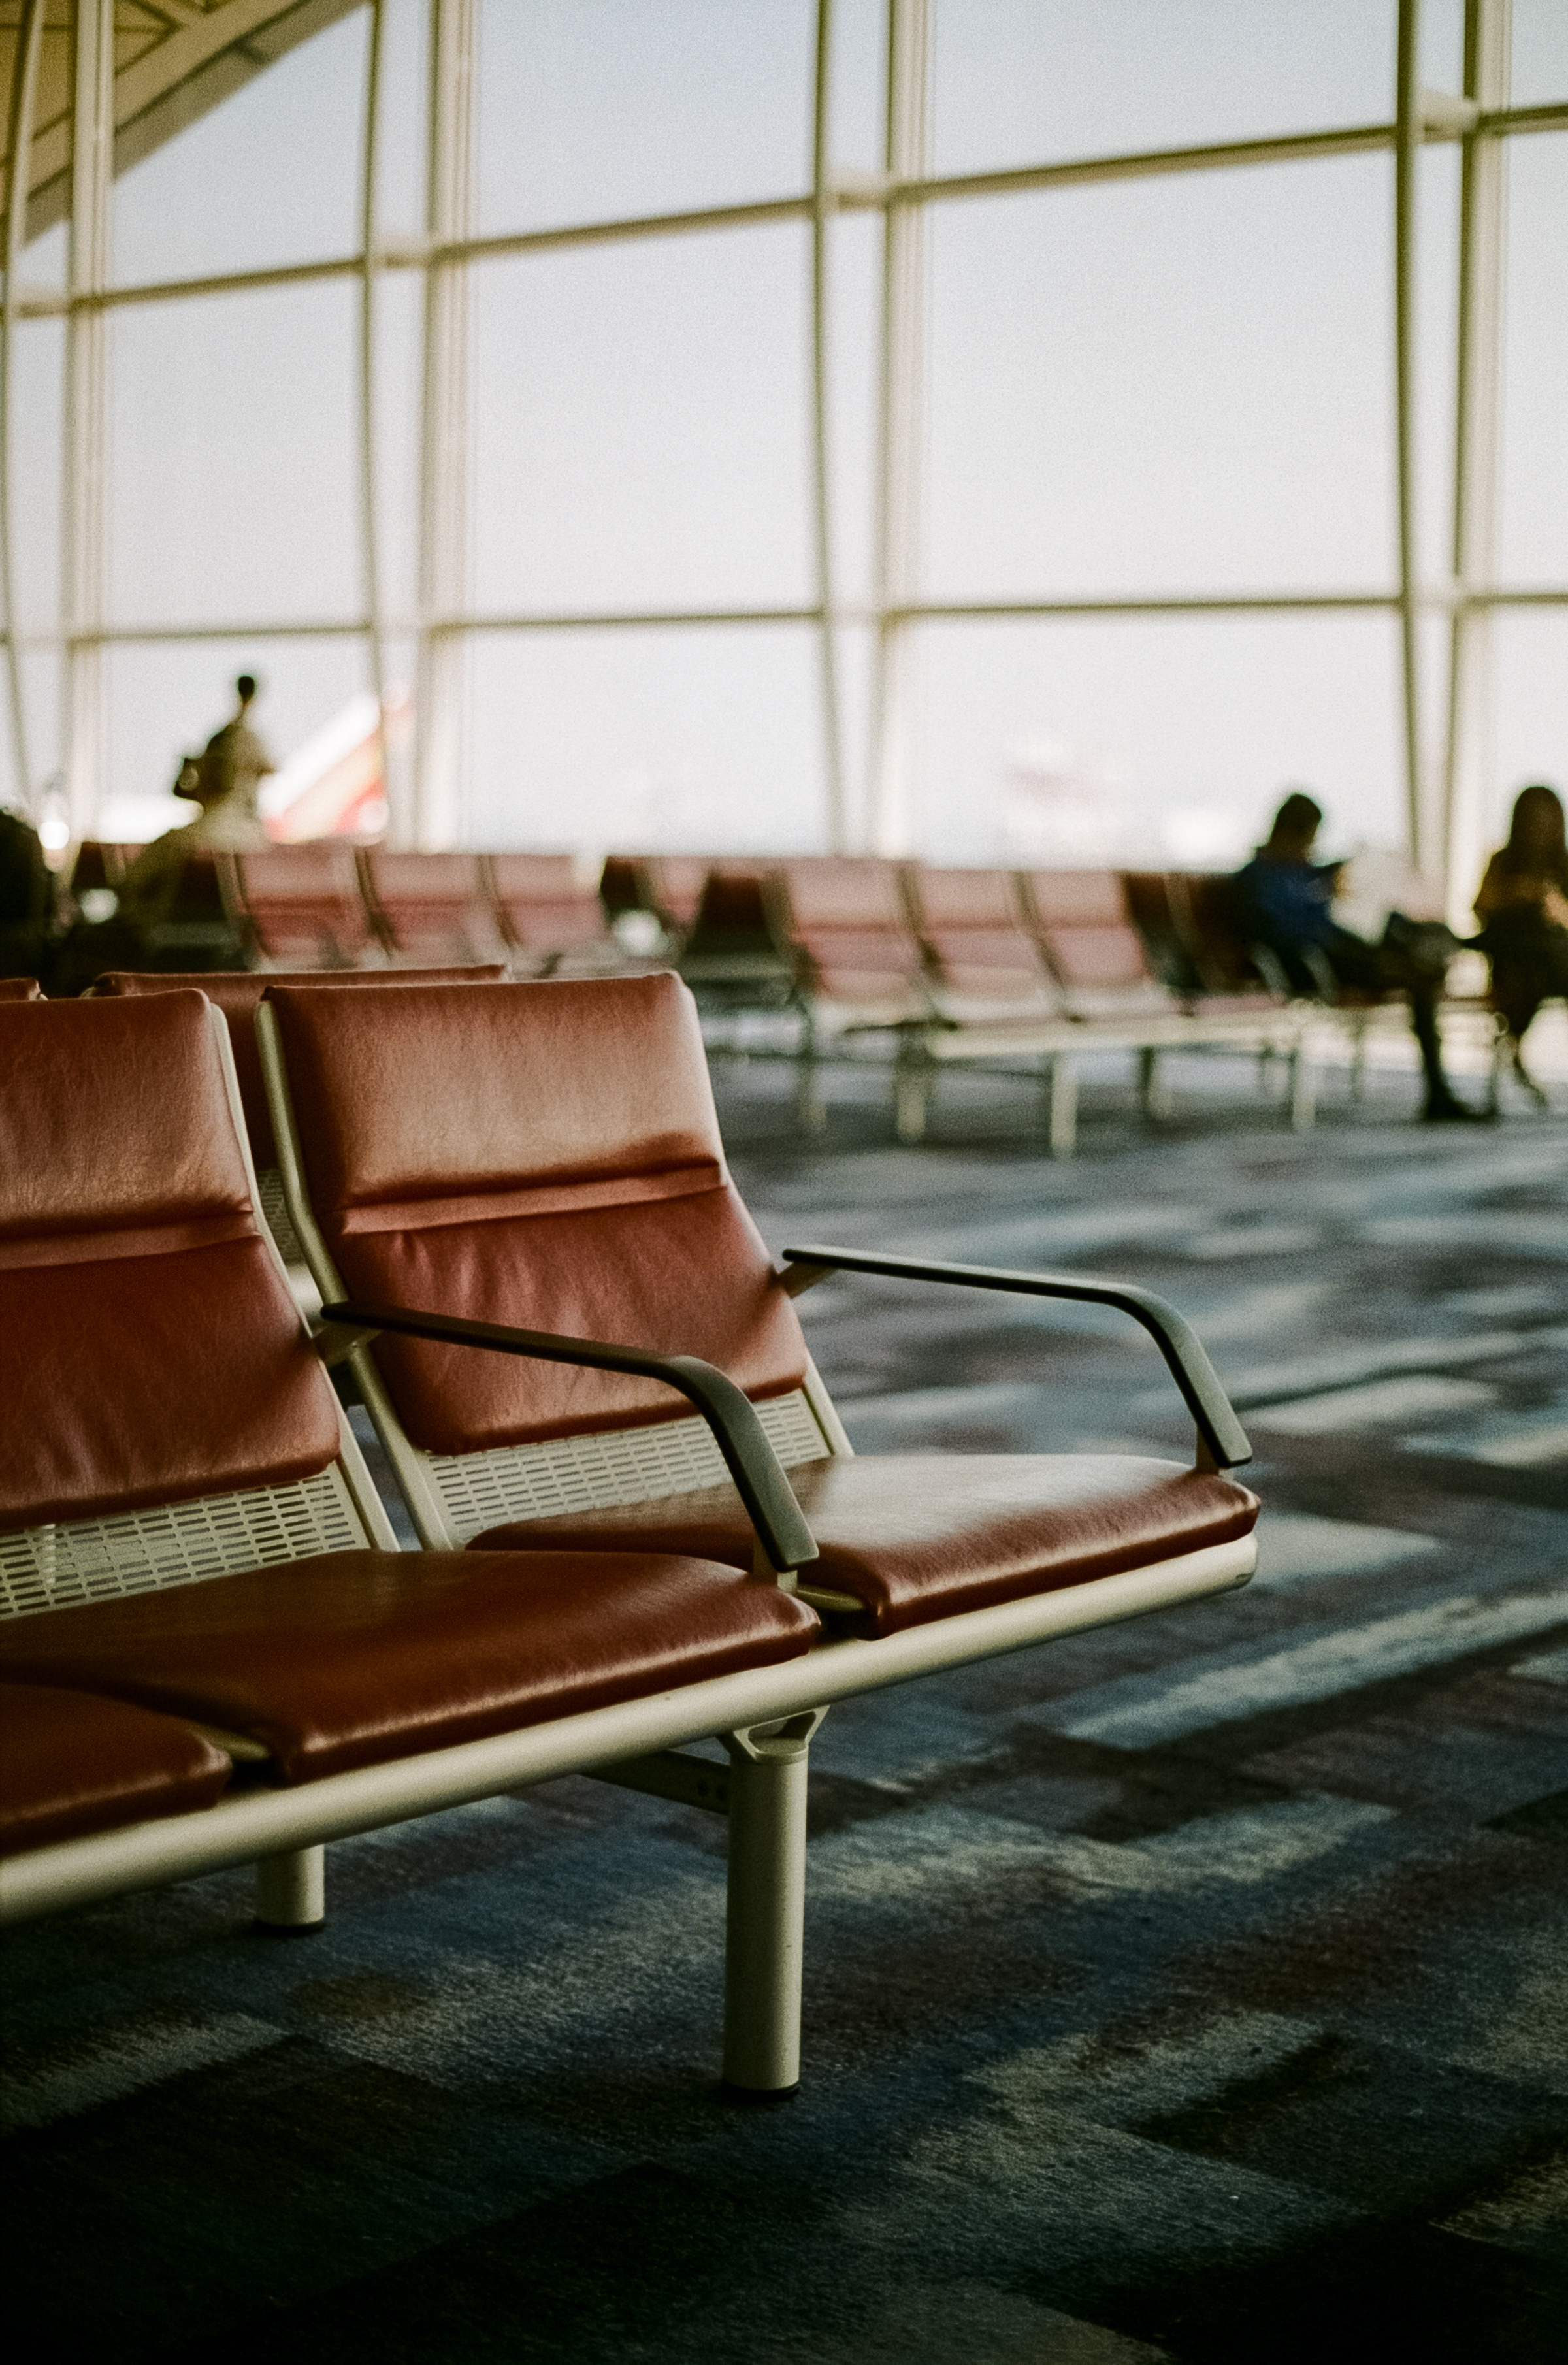 jesstong_airport.jpg